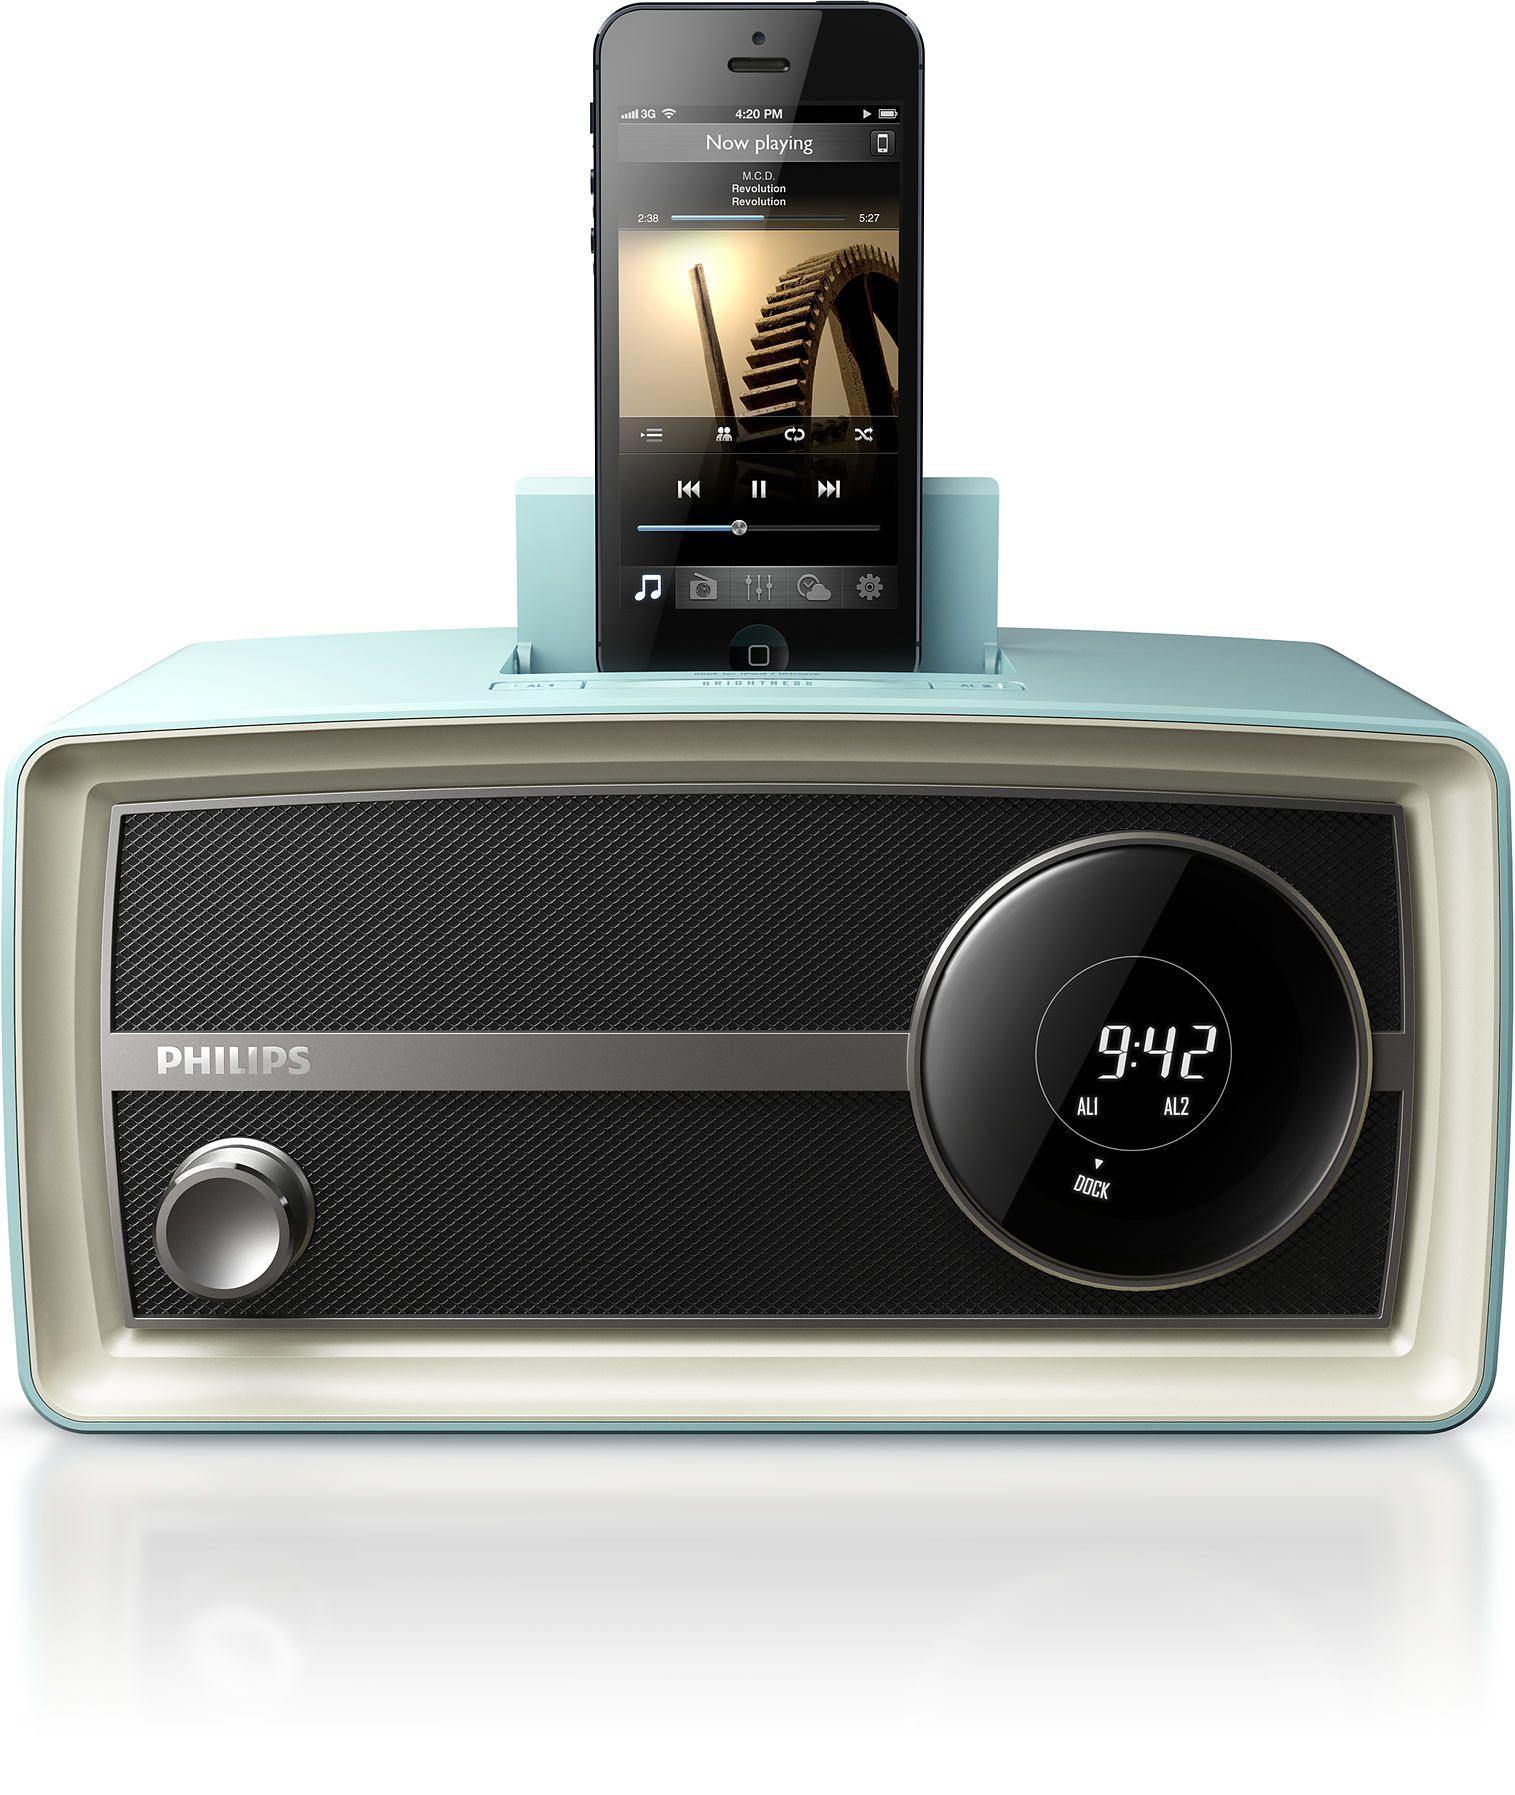 Philips Original Radio Mini In Blue Alarme E Retro